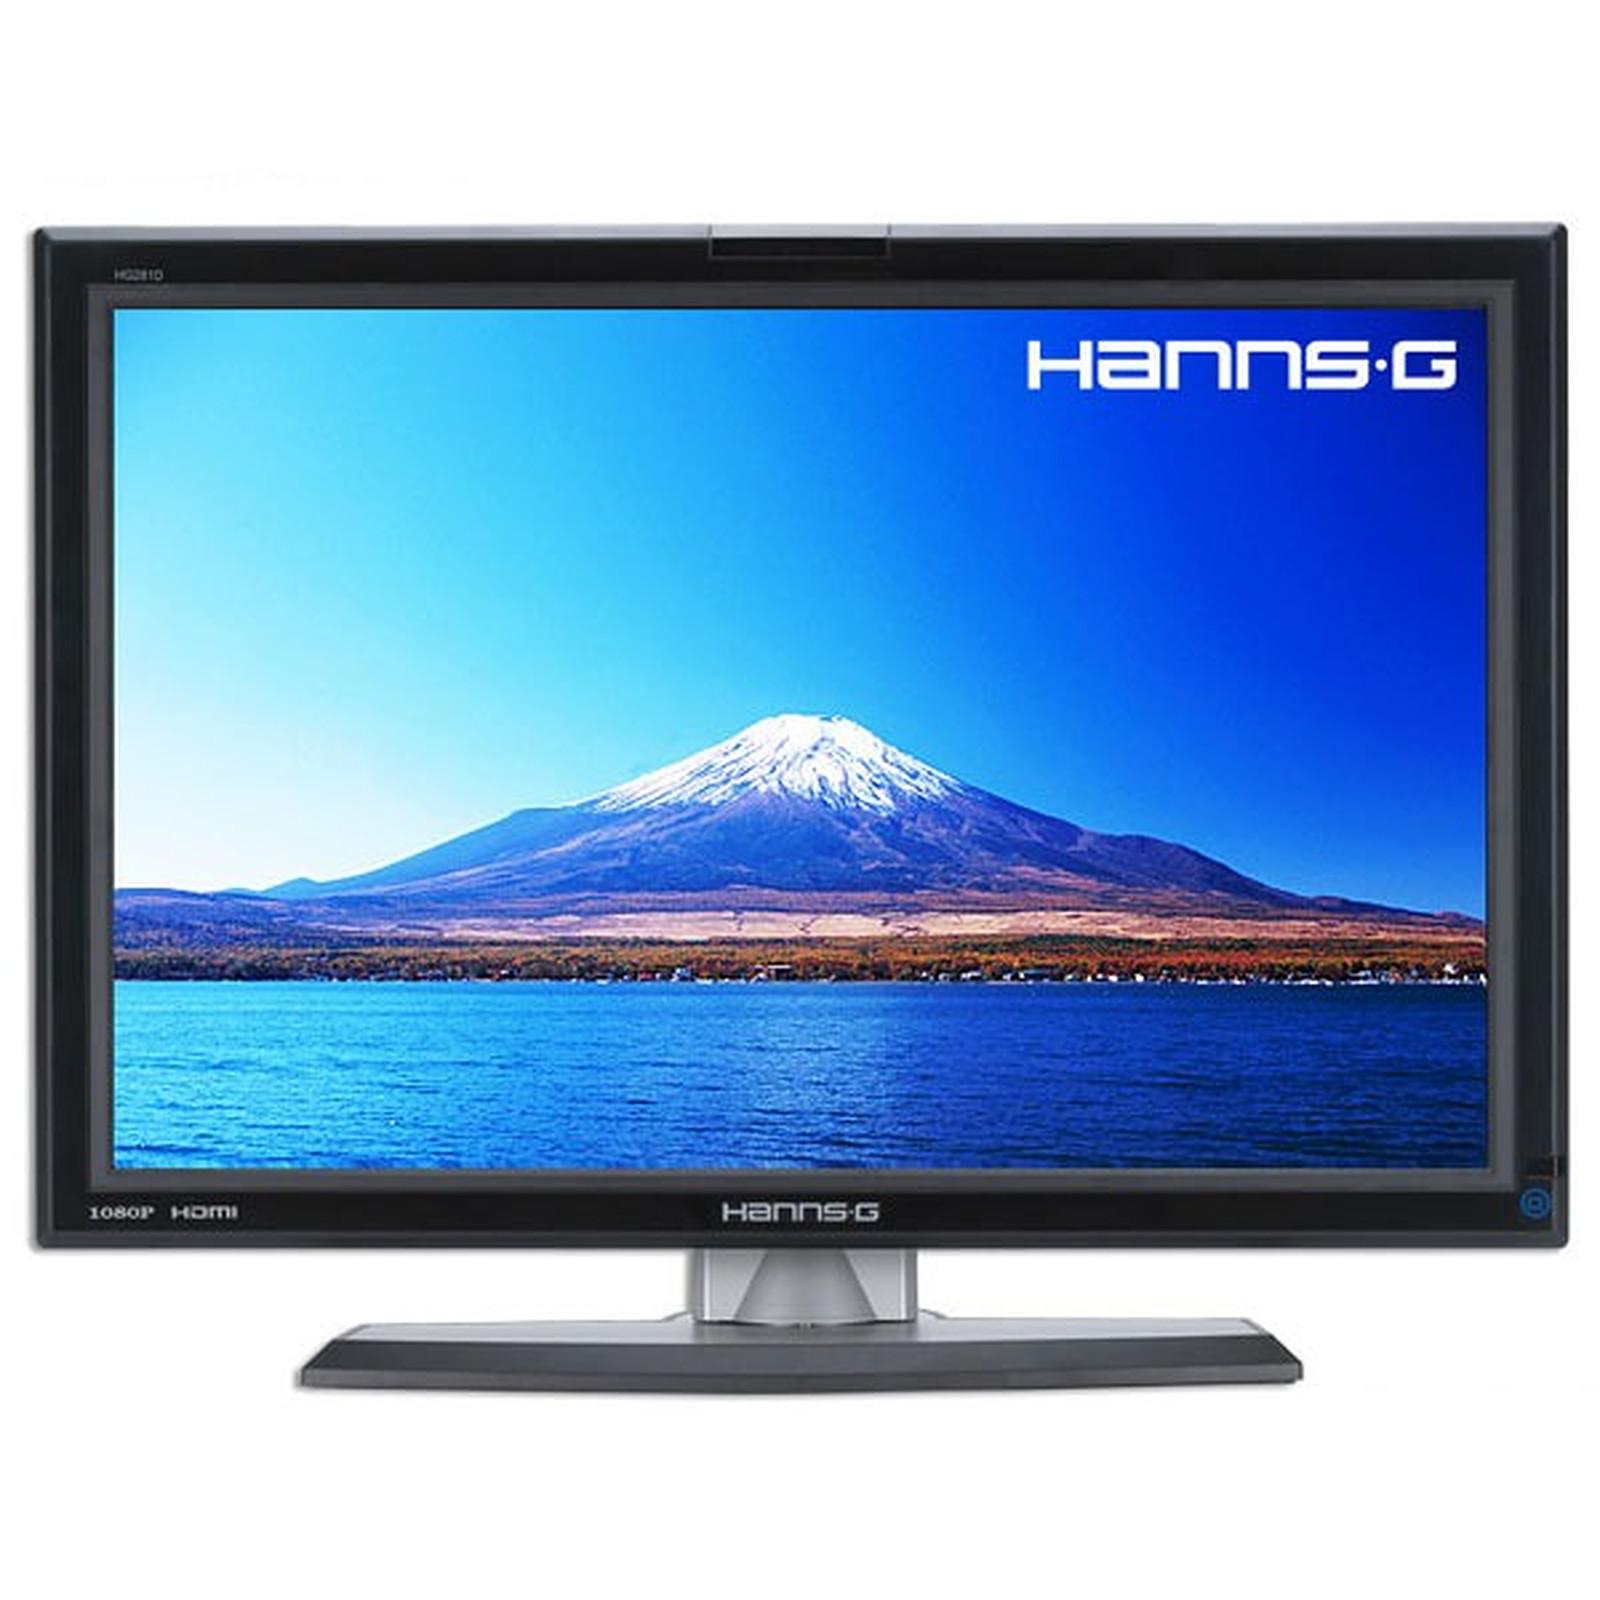 Hanns G HG281DJ